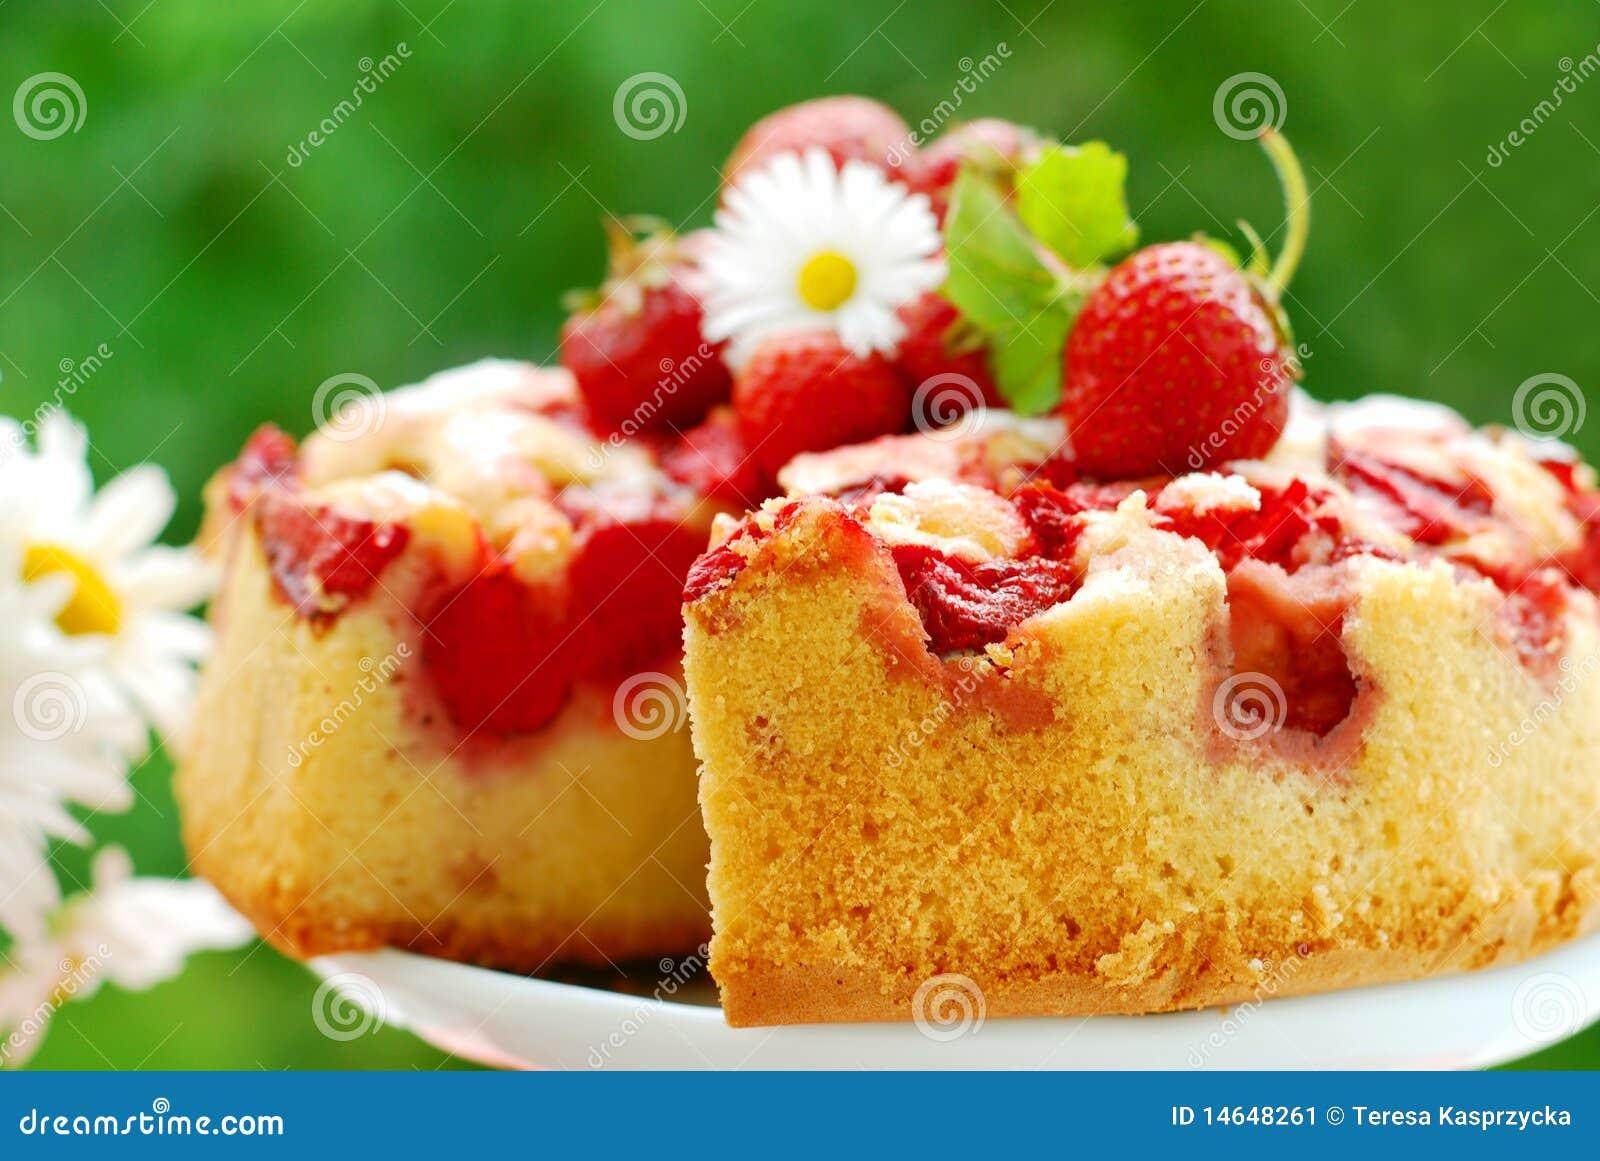 Gâteau de fraise sur la table dans le jardin